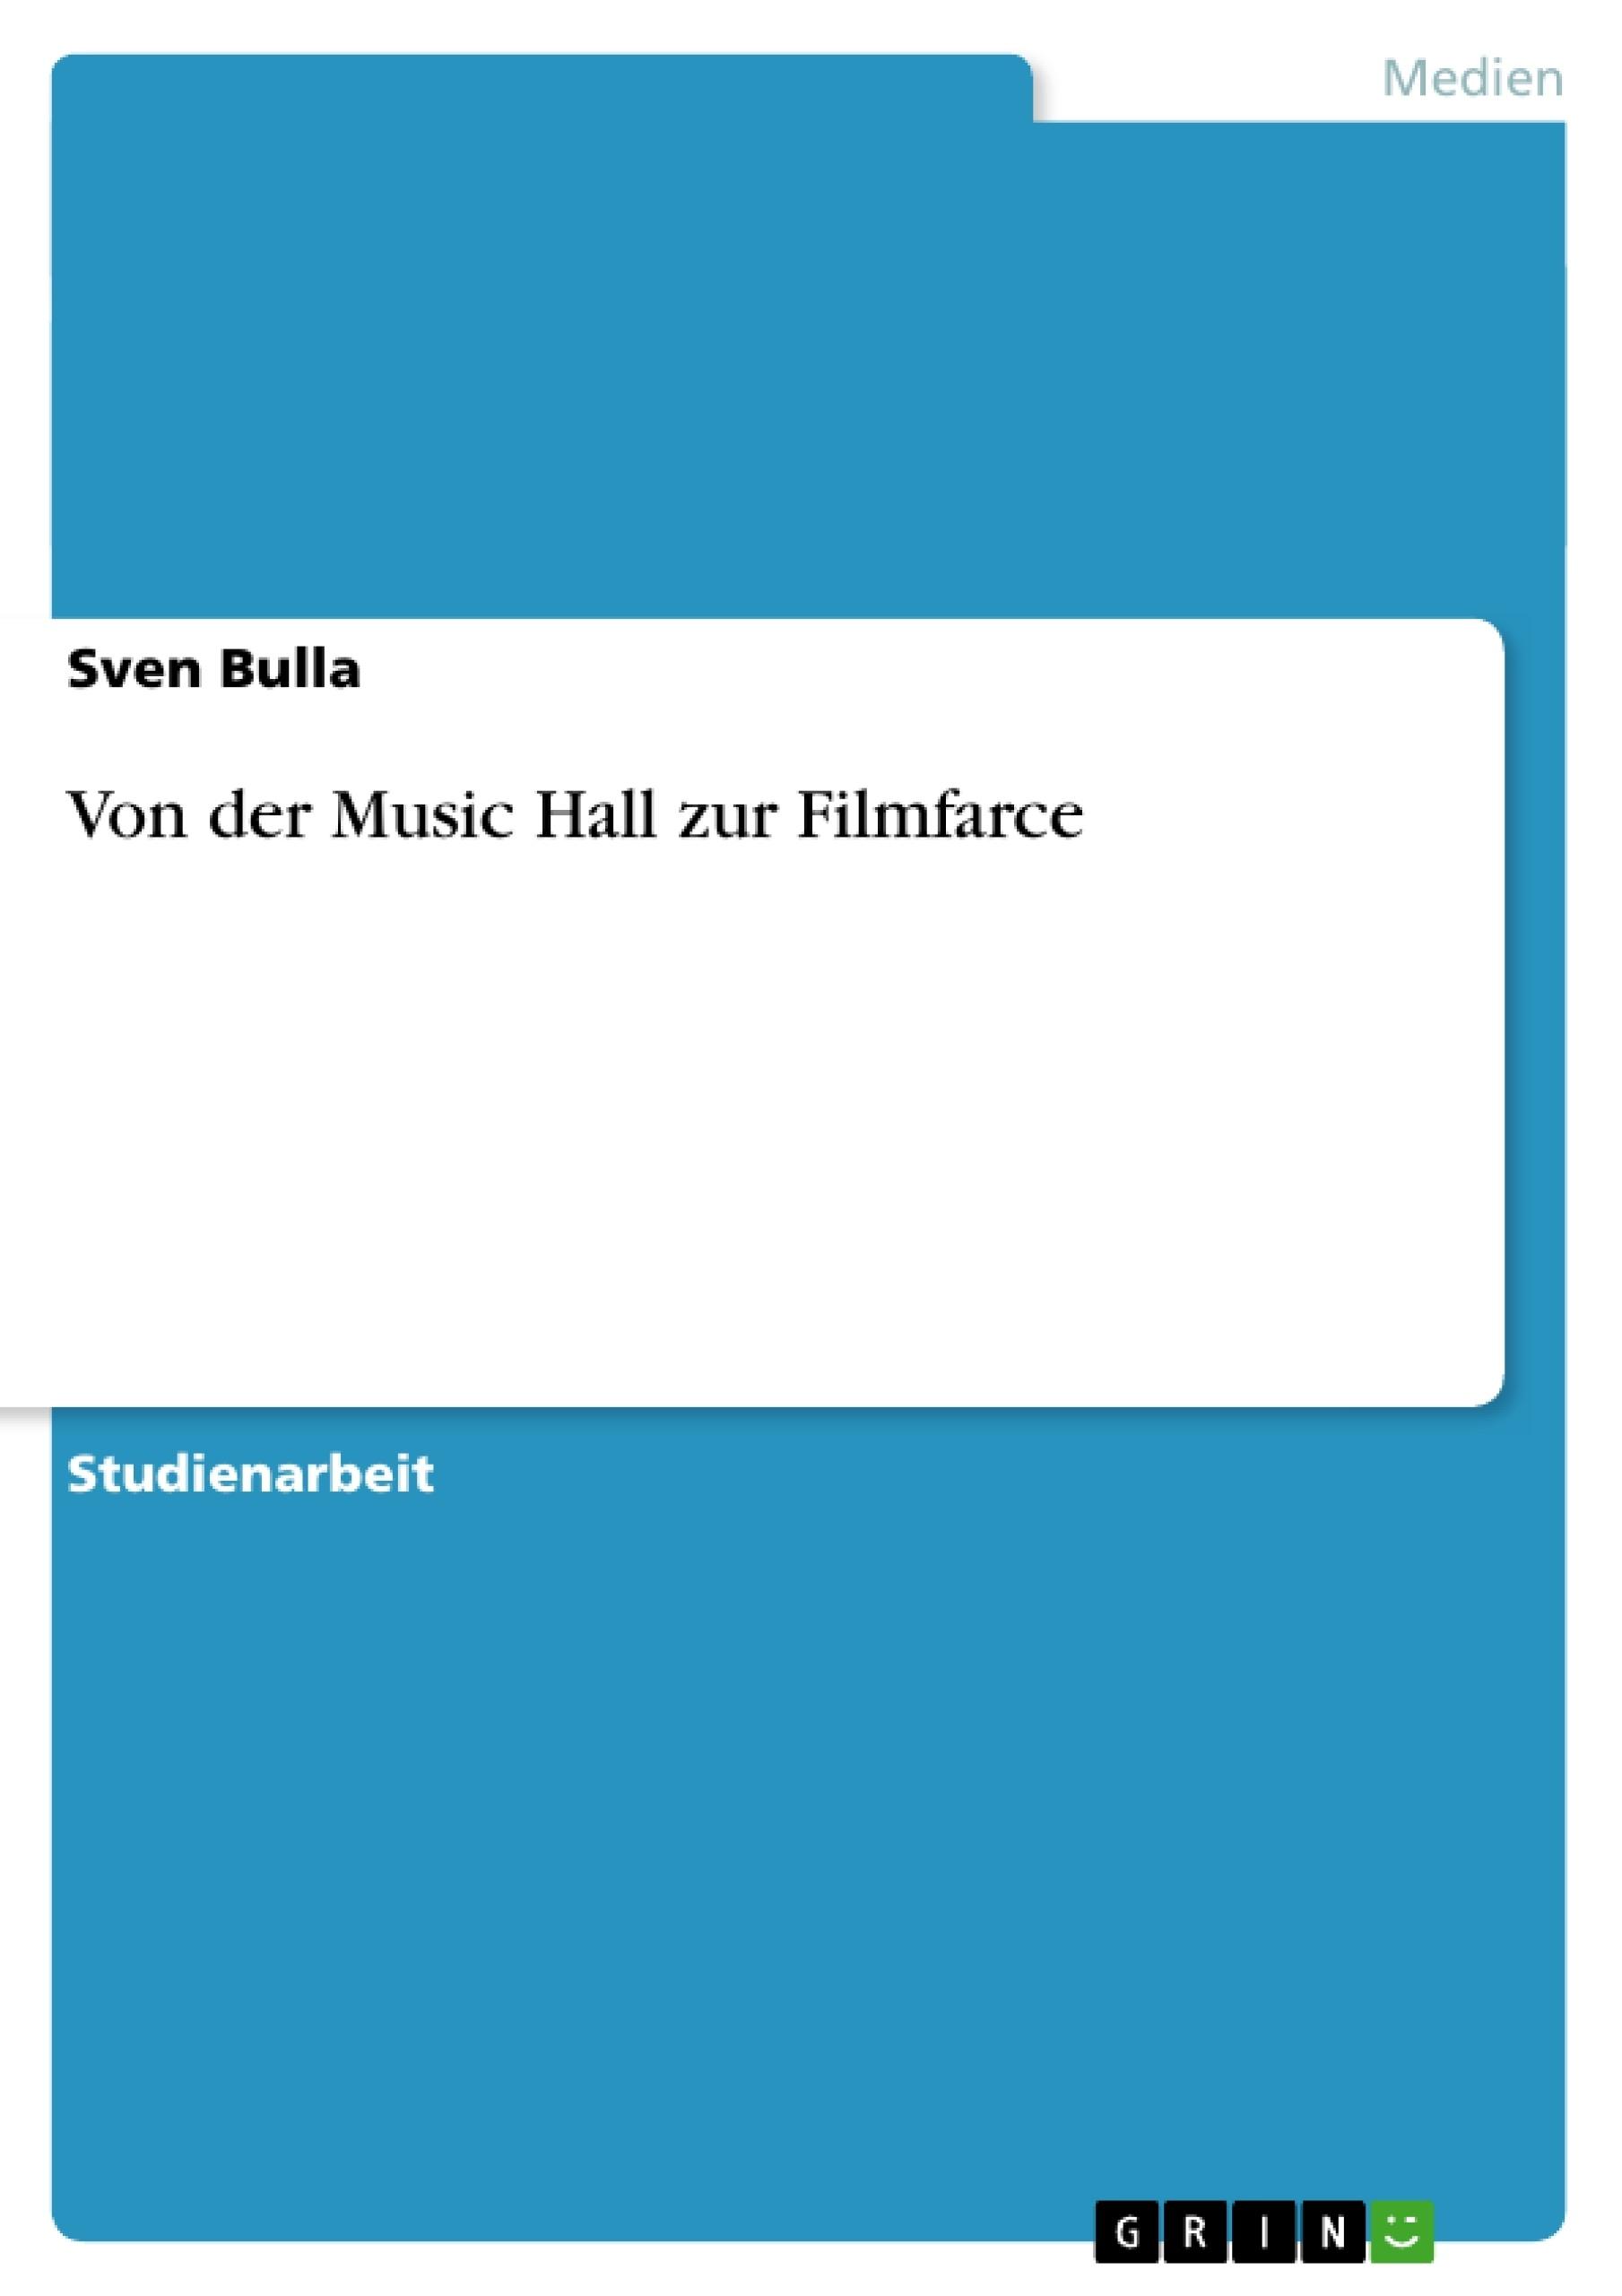 Titel: Von der Music Hall zur Filmfarce